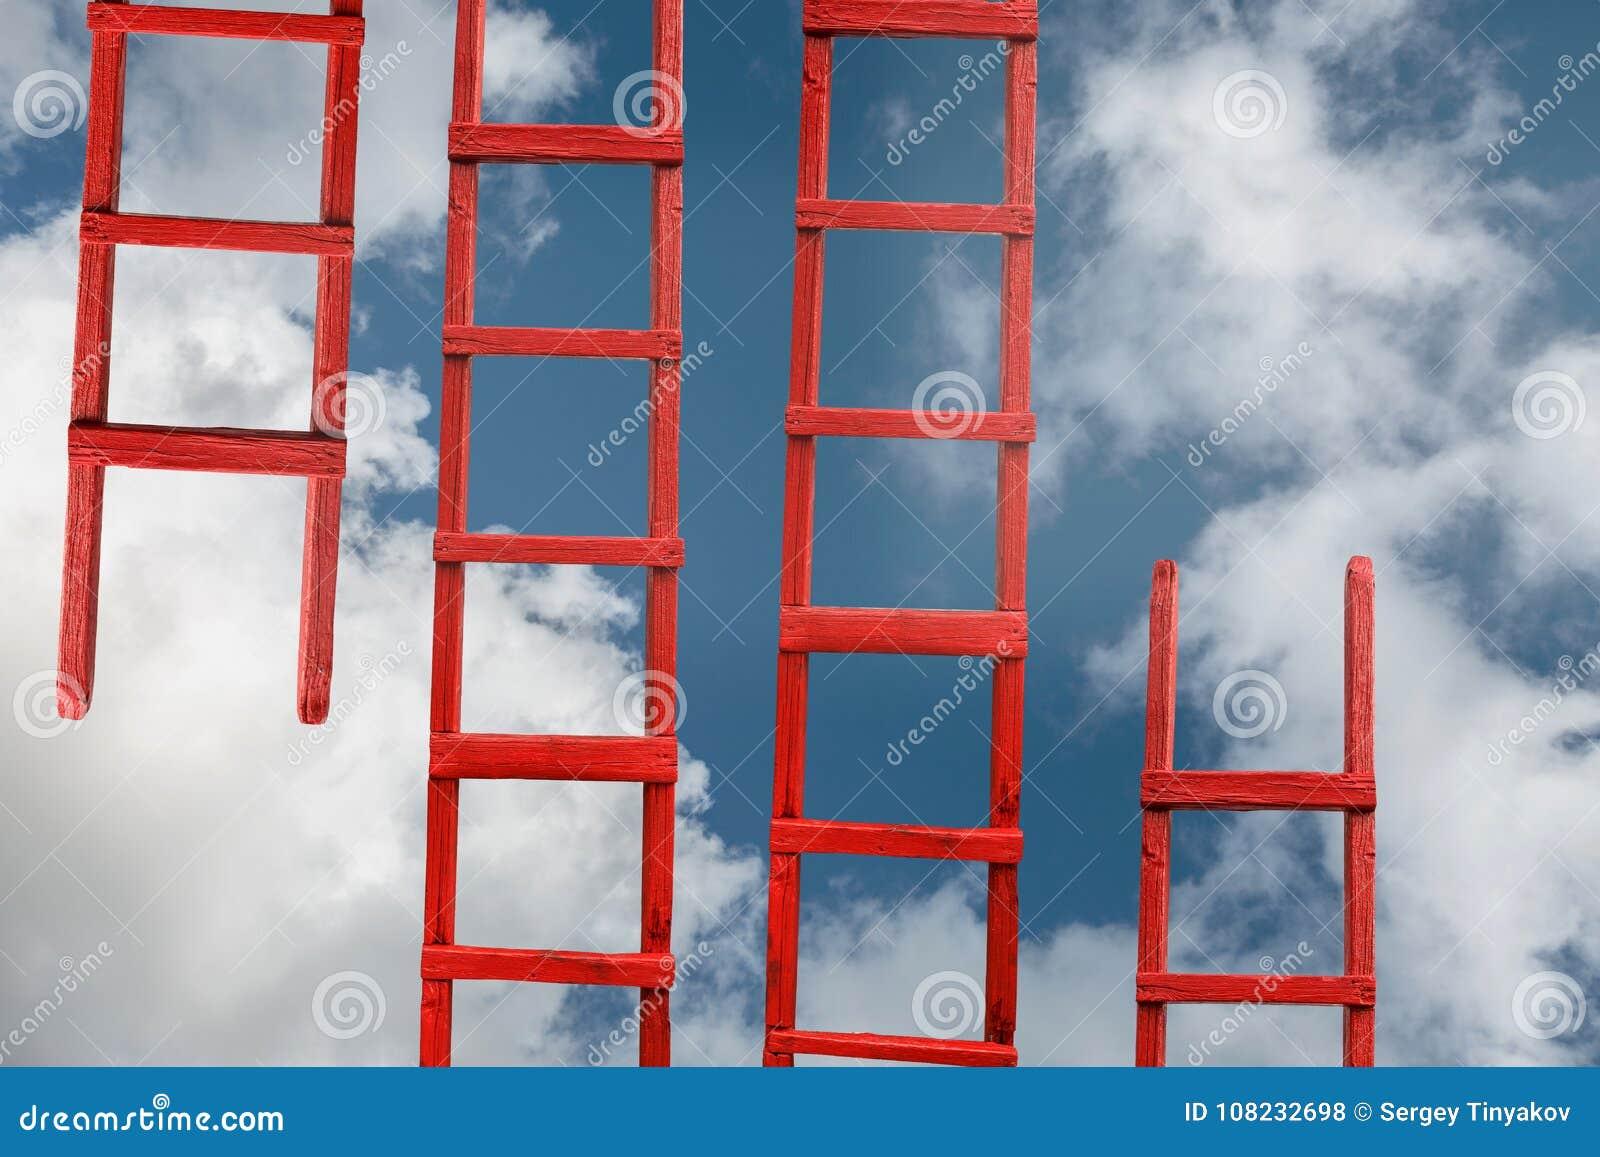 Escalier rouge au ciel La route à la réussite Accomplissement de métaphore de carrière de buts